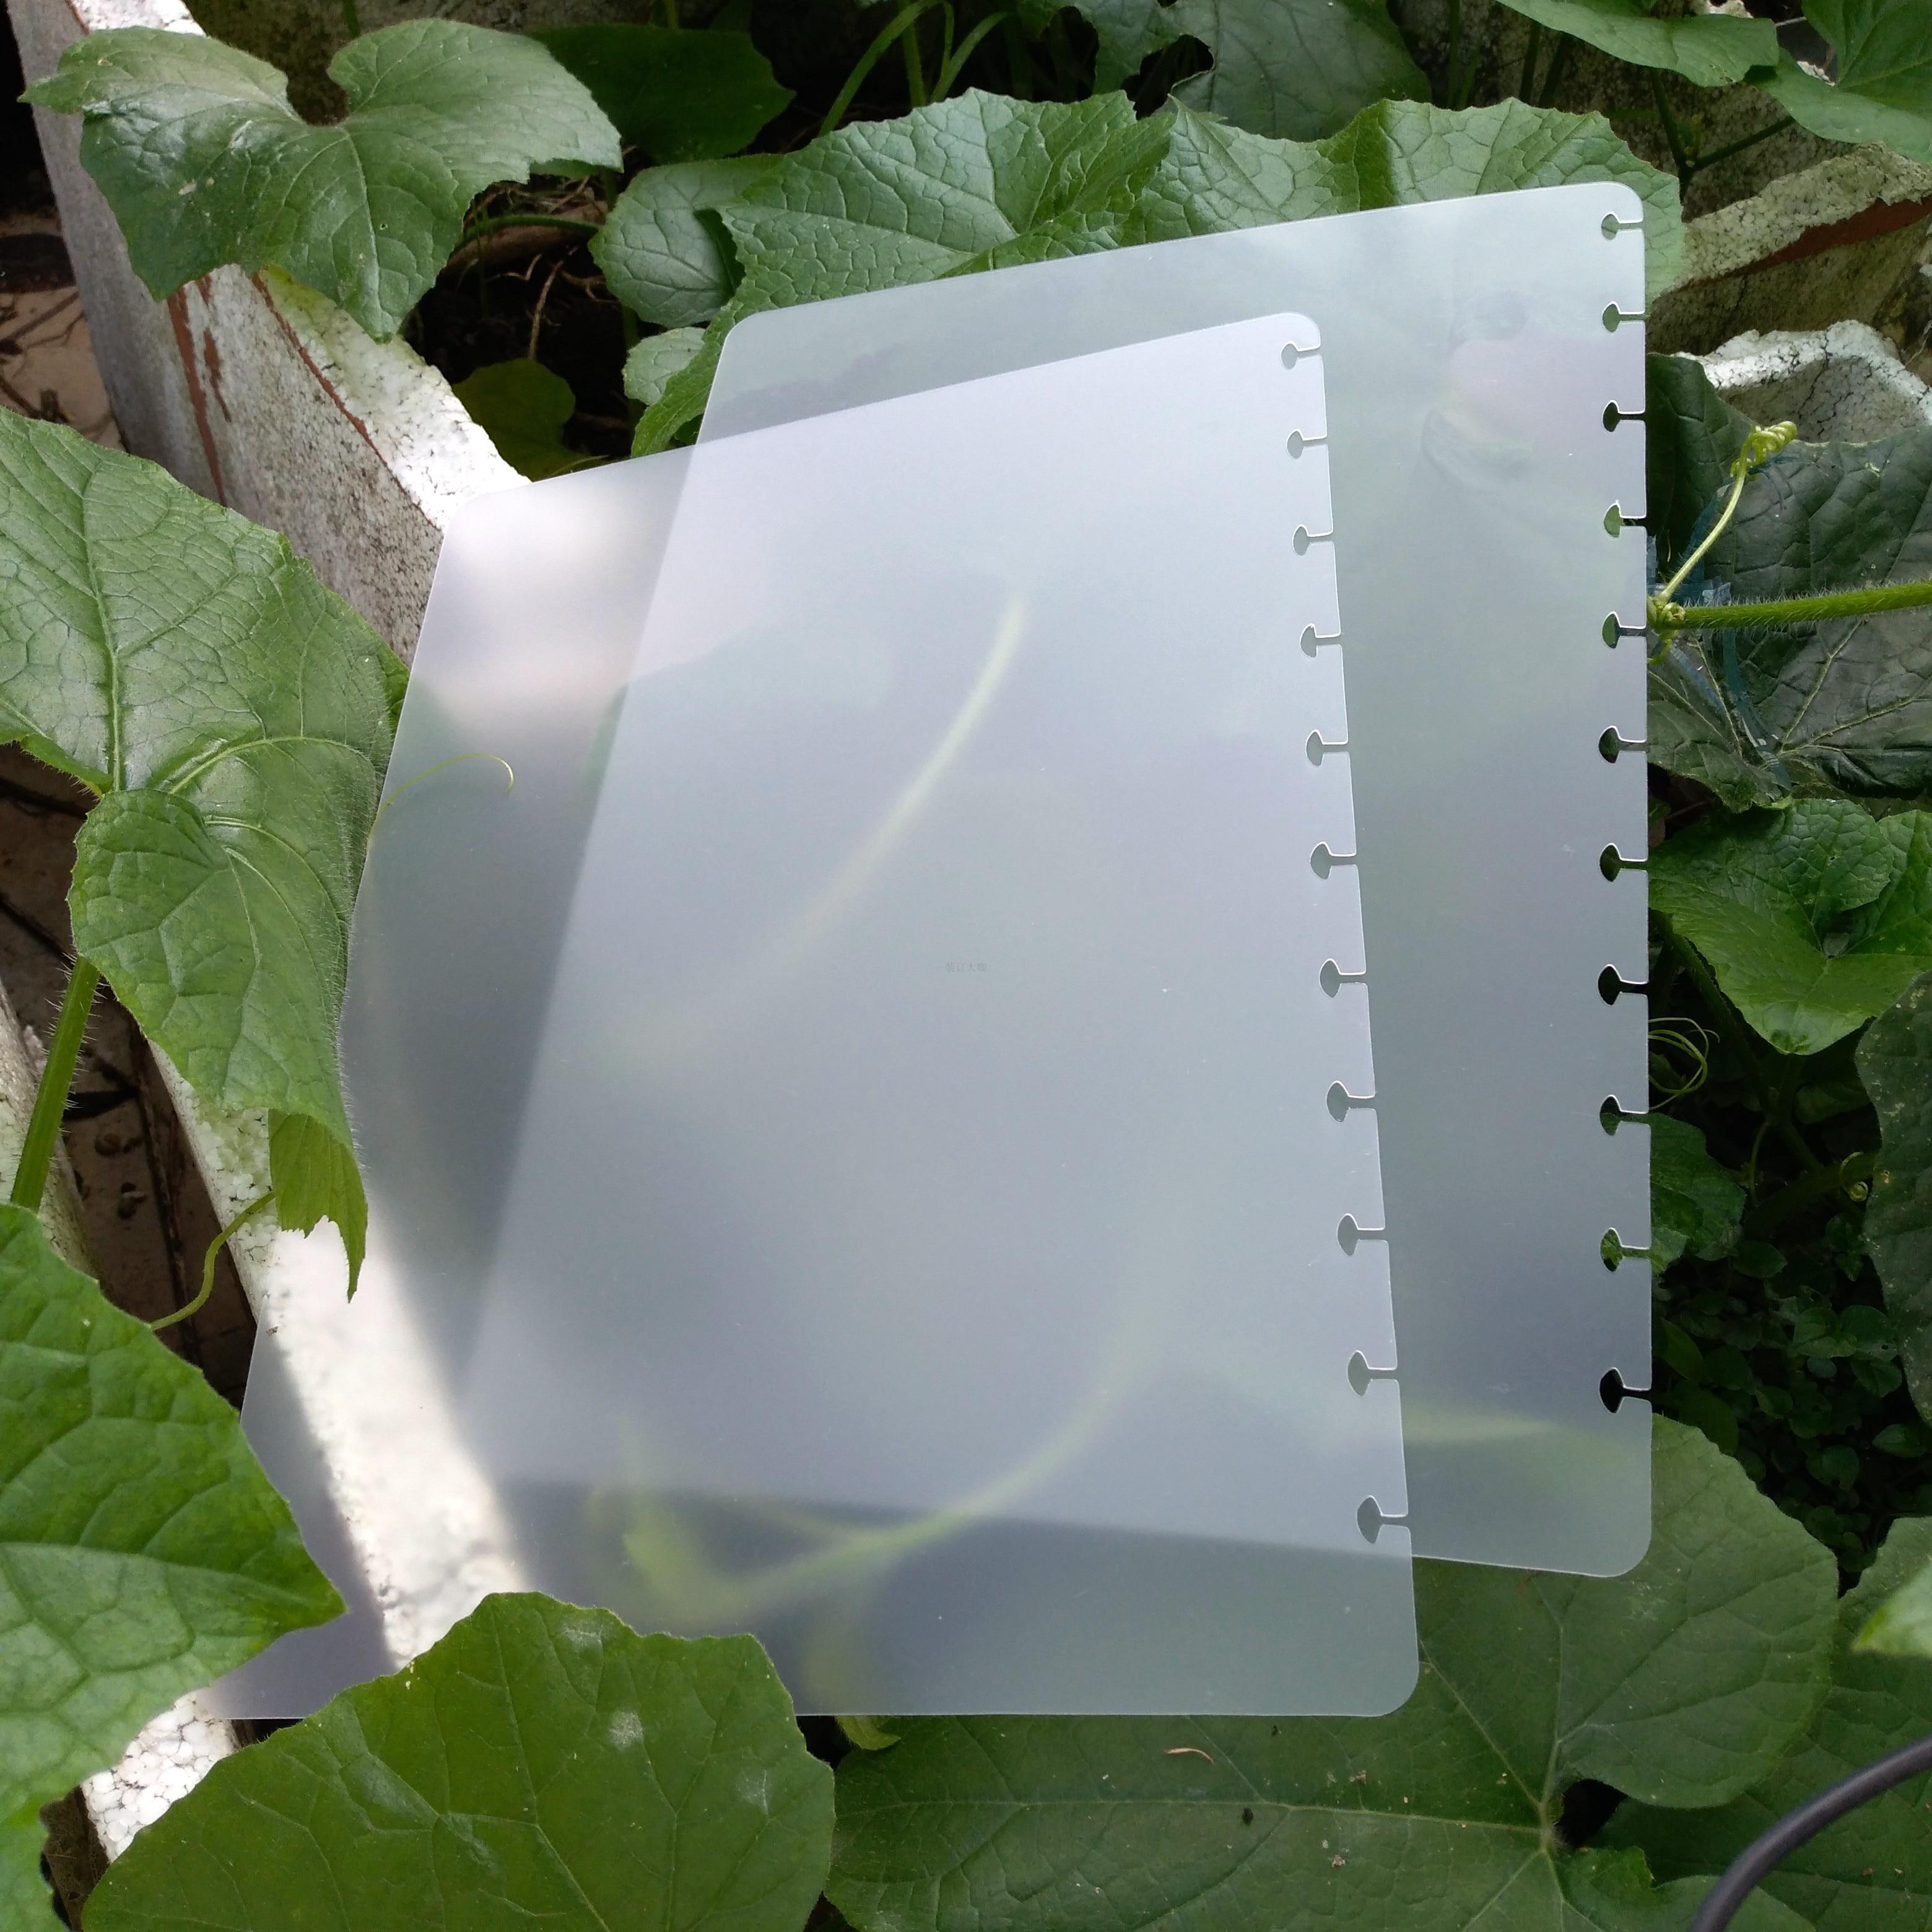 A4 Losbladige Vervanging Transparante Cover Film Disc Binding Cover - Notitieblokken en schrijfblokken bedrukken